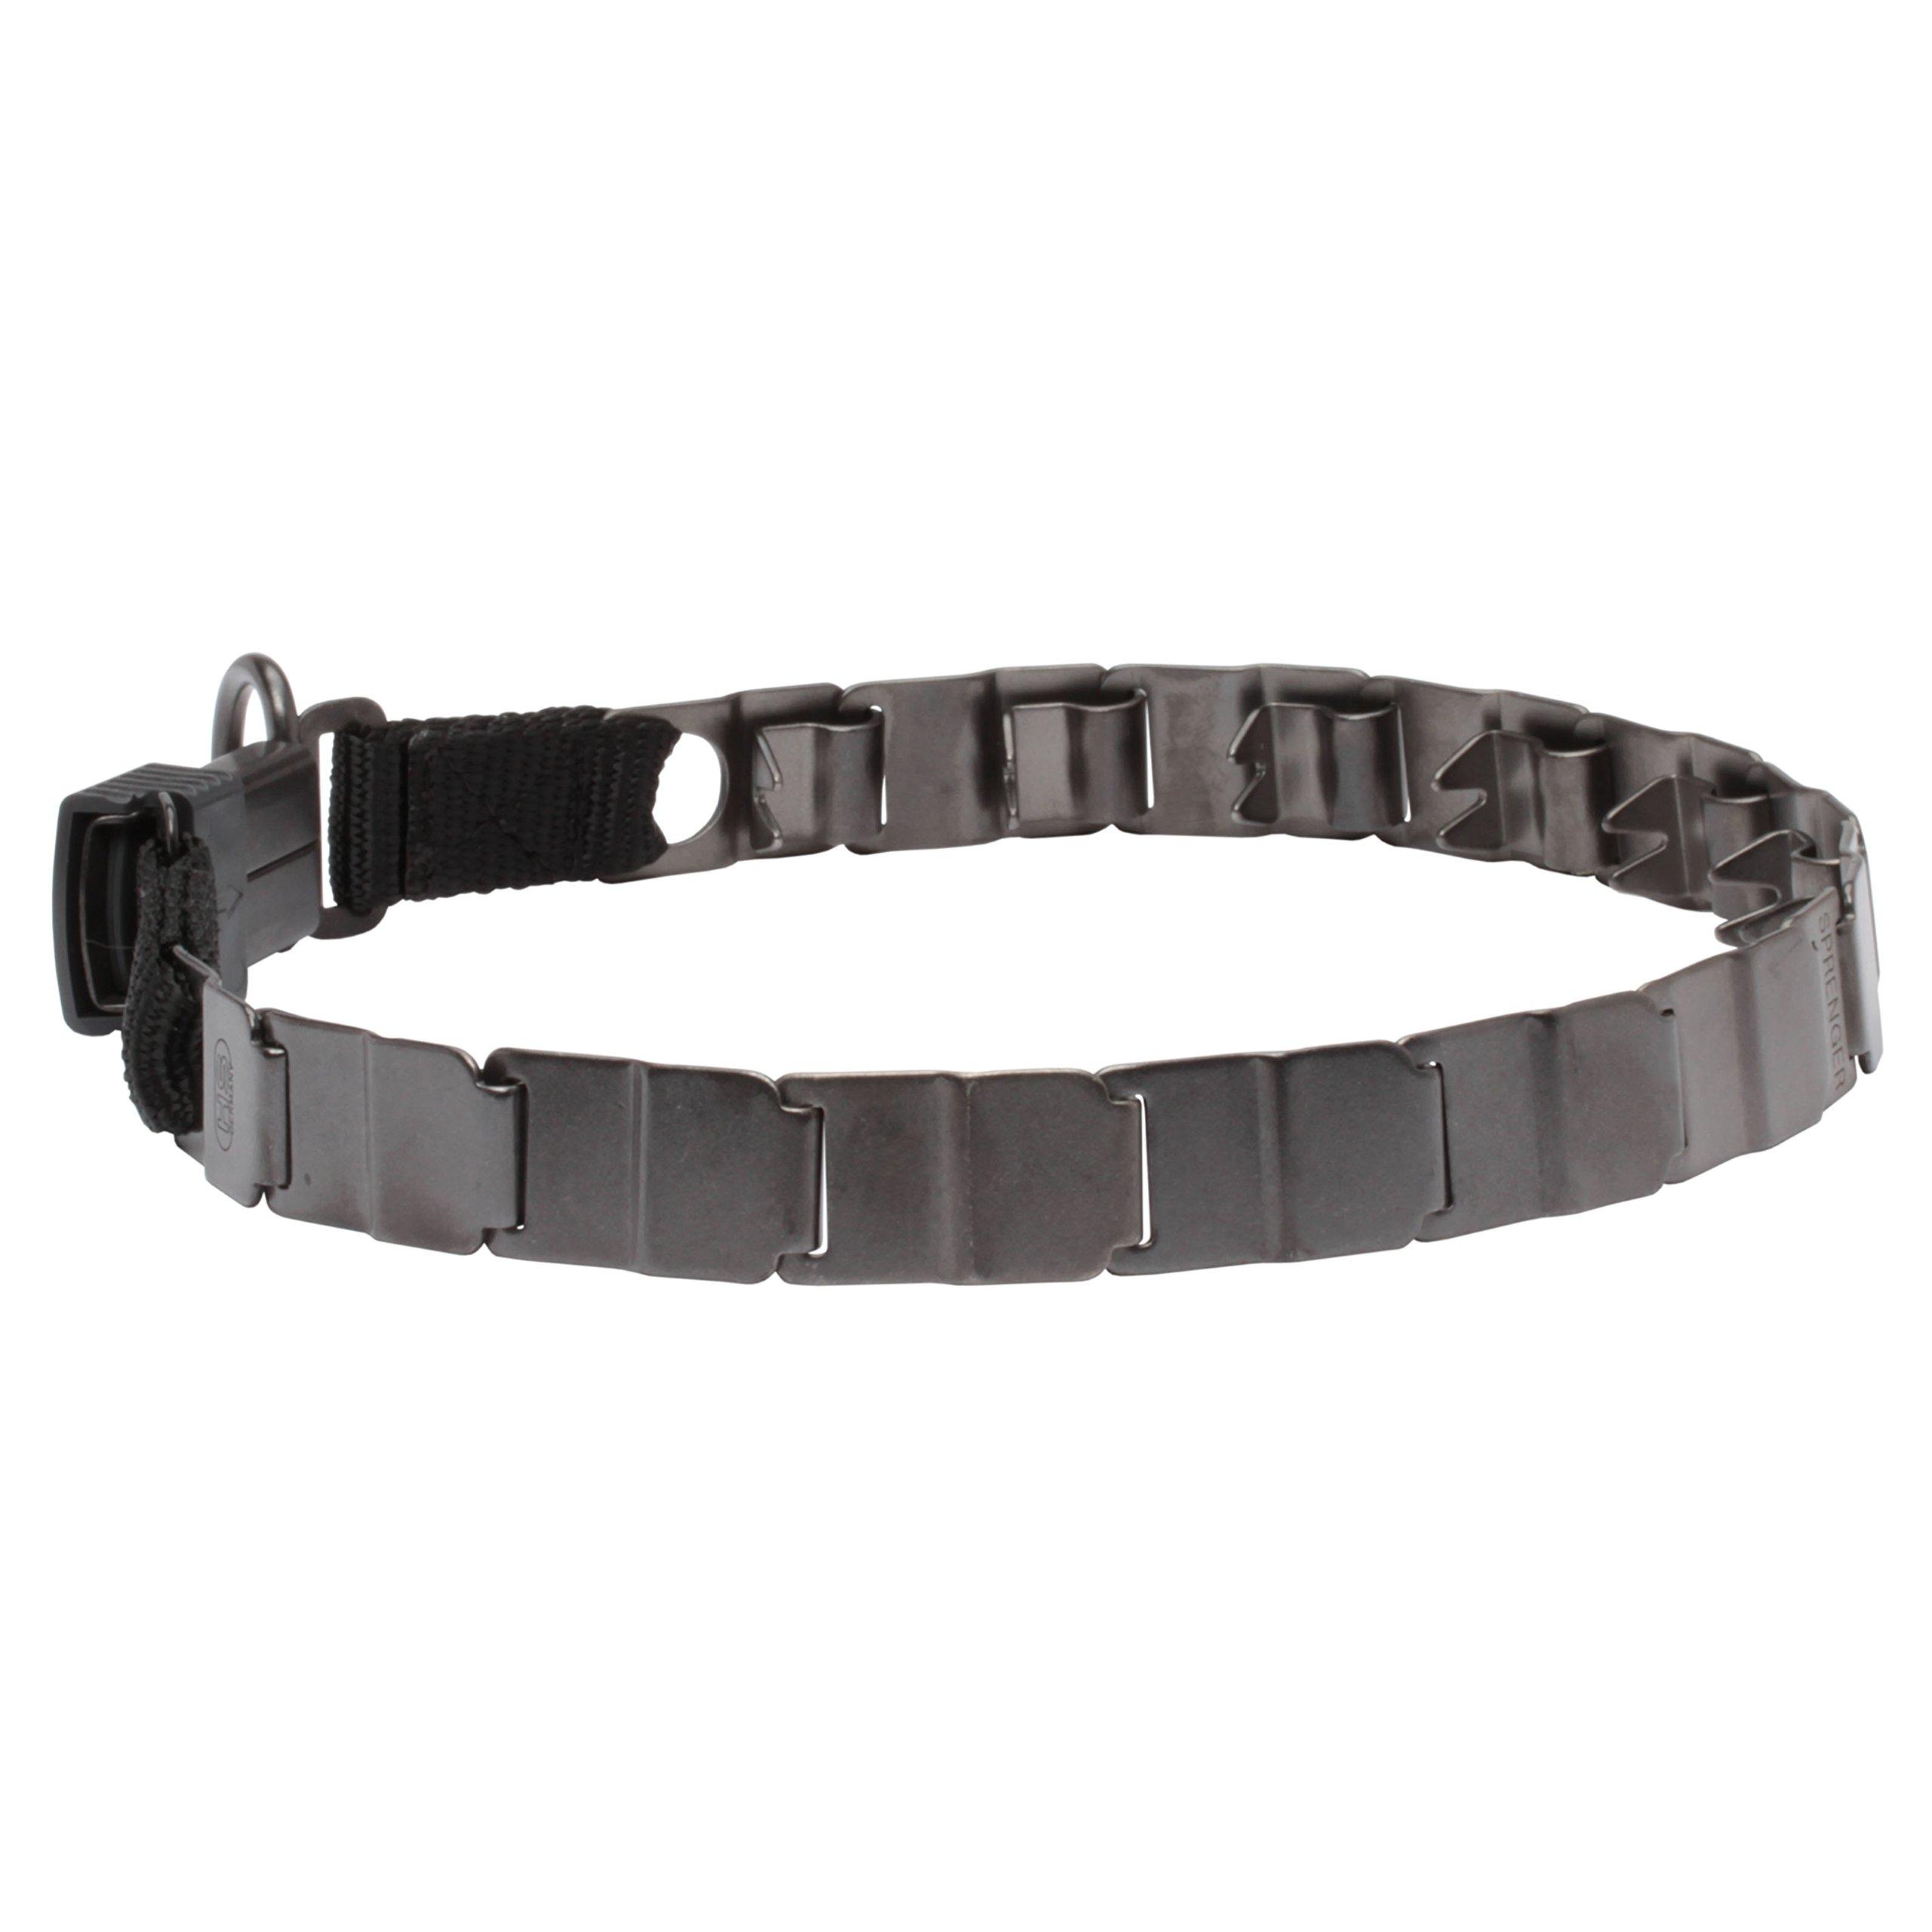 Herm Sprenger Neck Tech Sport Dogue de Bordeaux Collar of Stainless Steel Matt - 50050 (66) - Size 24 inch (60 cm)